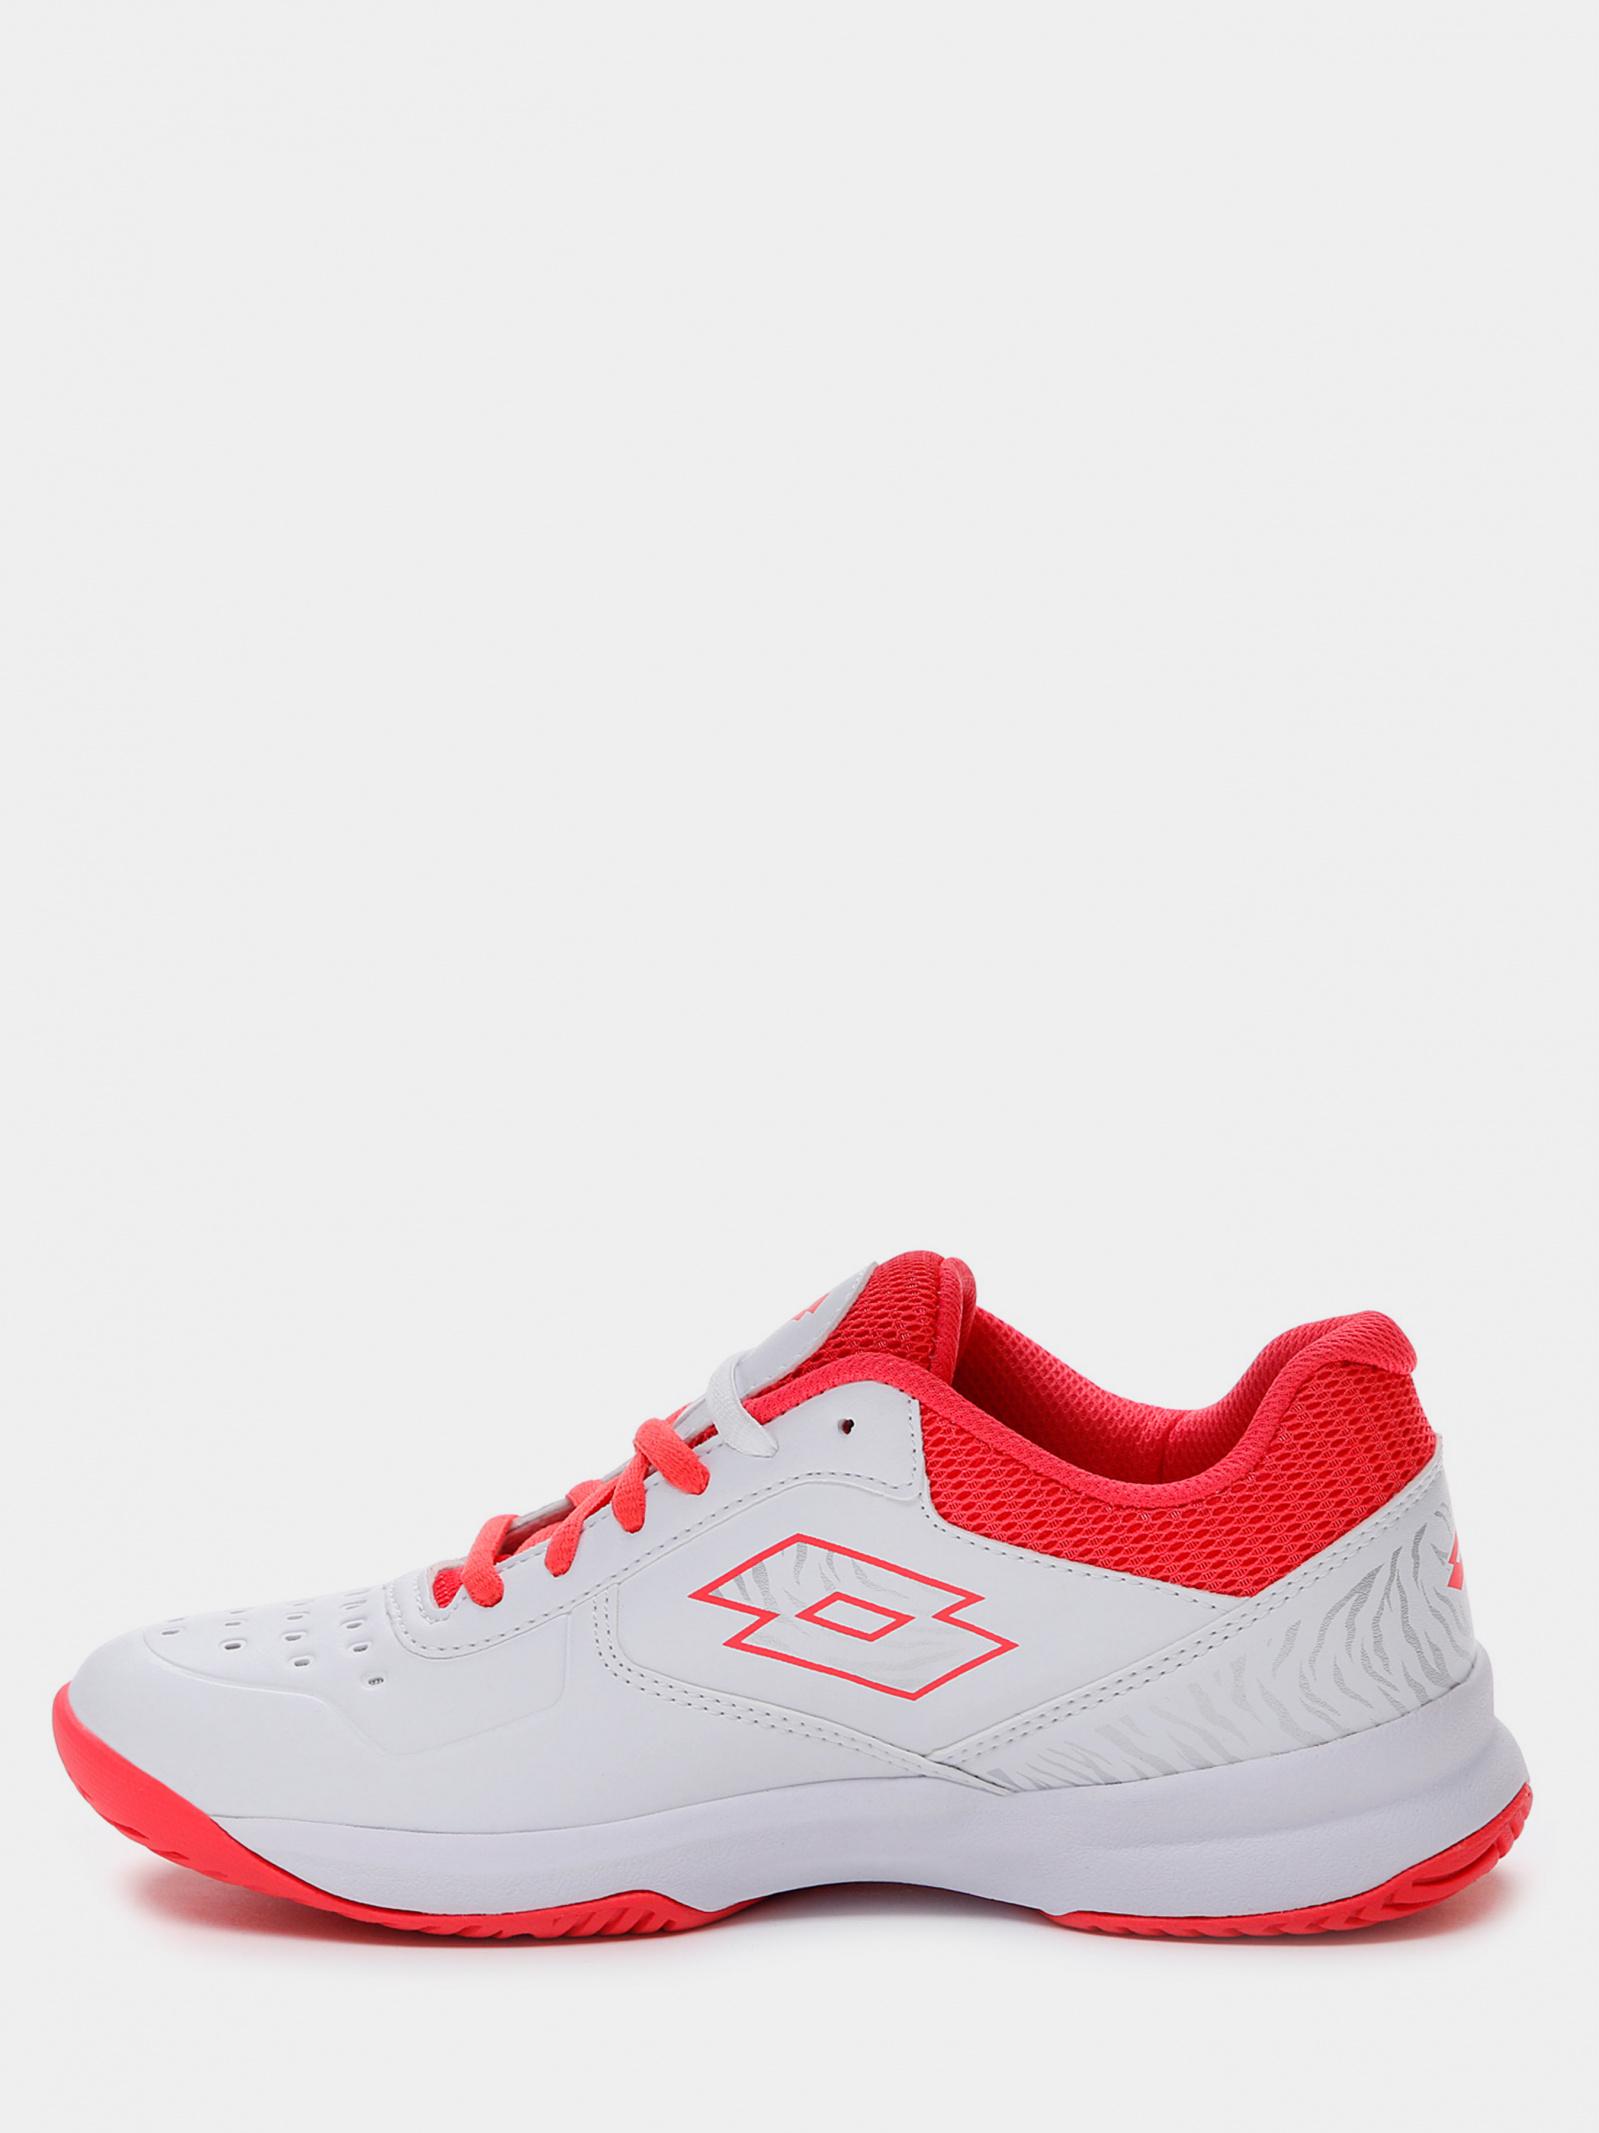 Кросівки тенісні  для жінок SPACE 600 II ALR W 213637_5Y3 розмірна сітка взуття, 2017